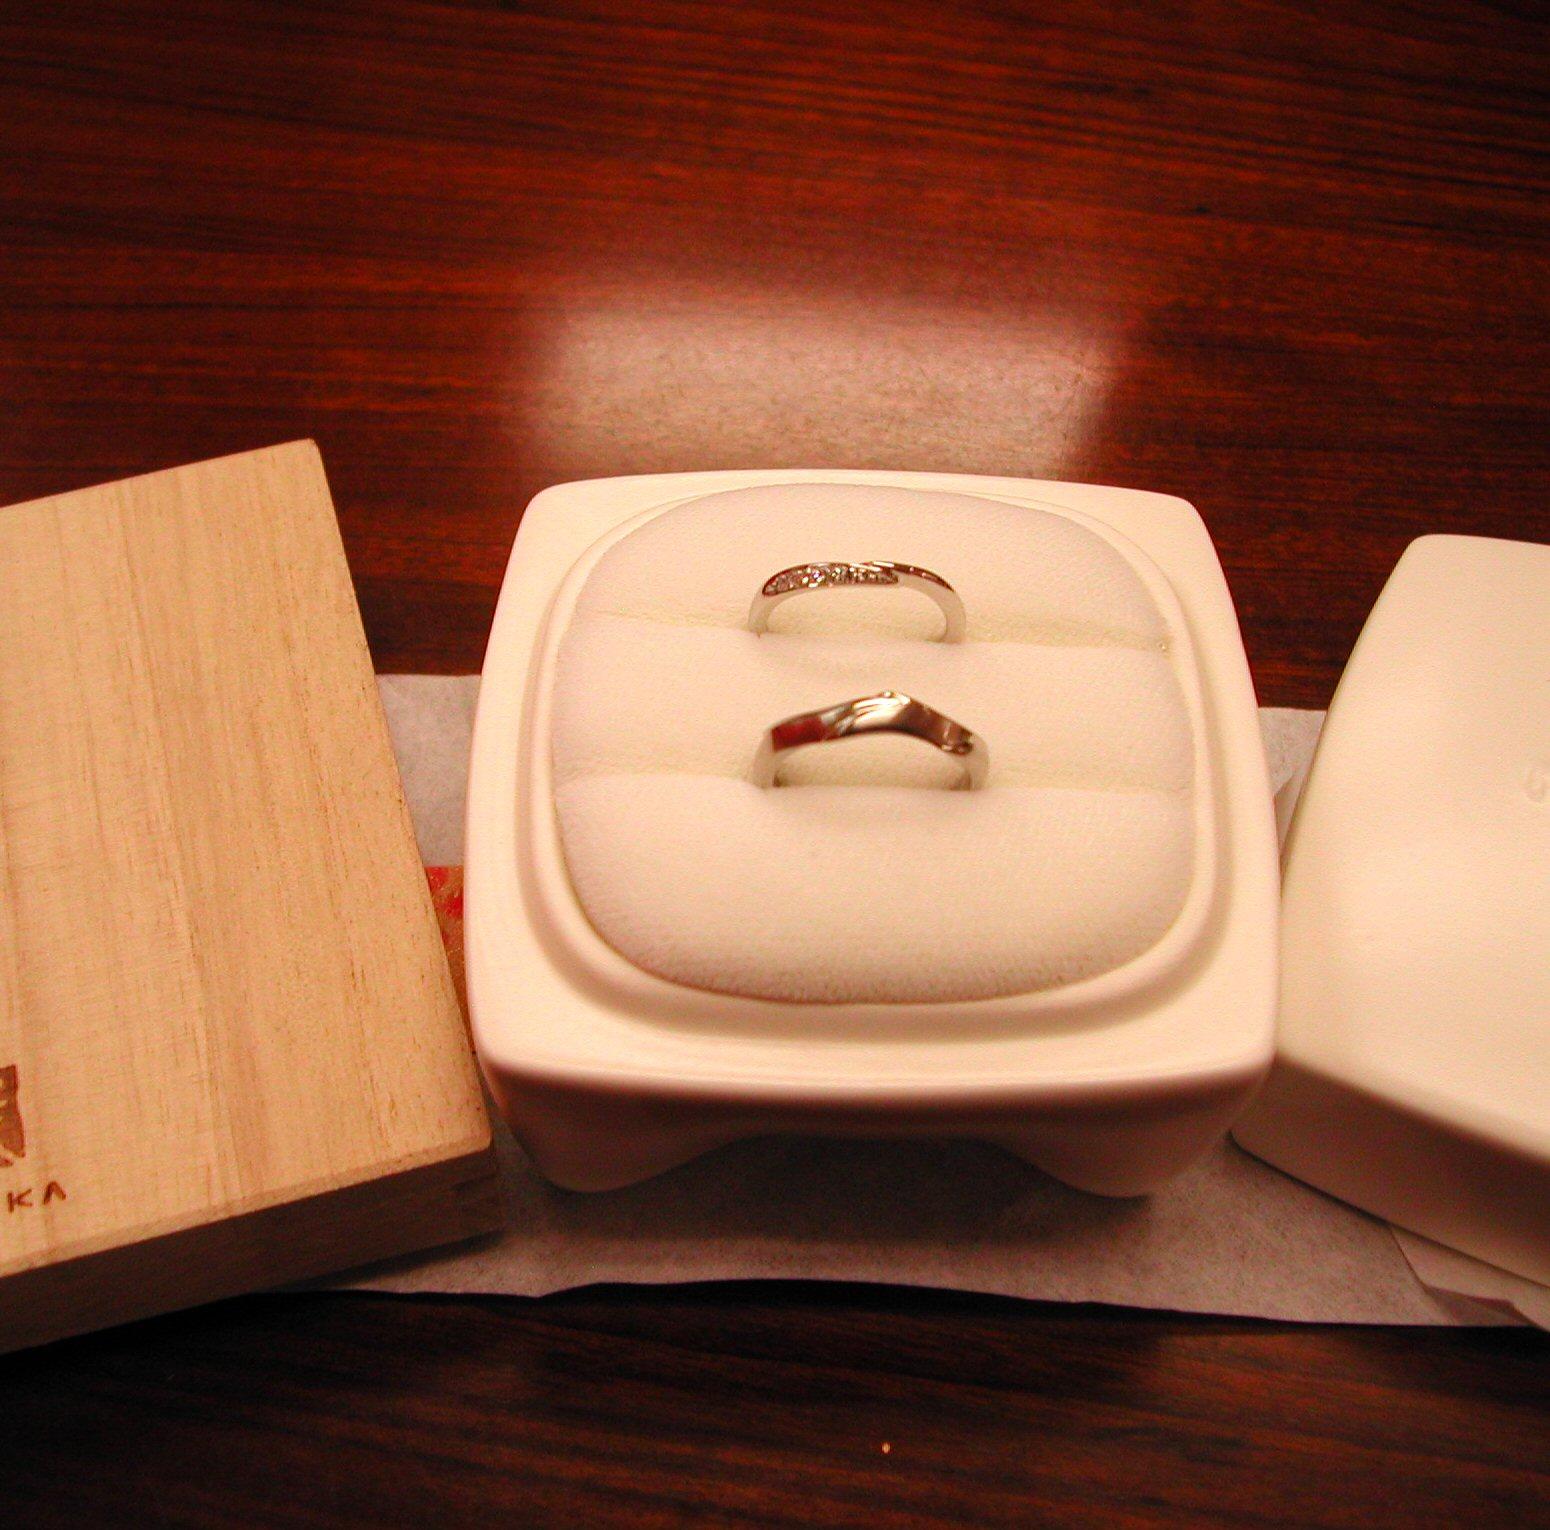 結婚指輪の意味 存在 そしてタブー_f0118568_13163187.jpg